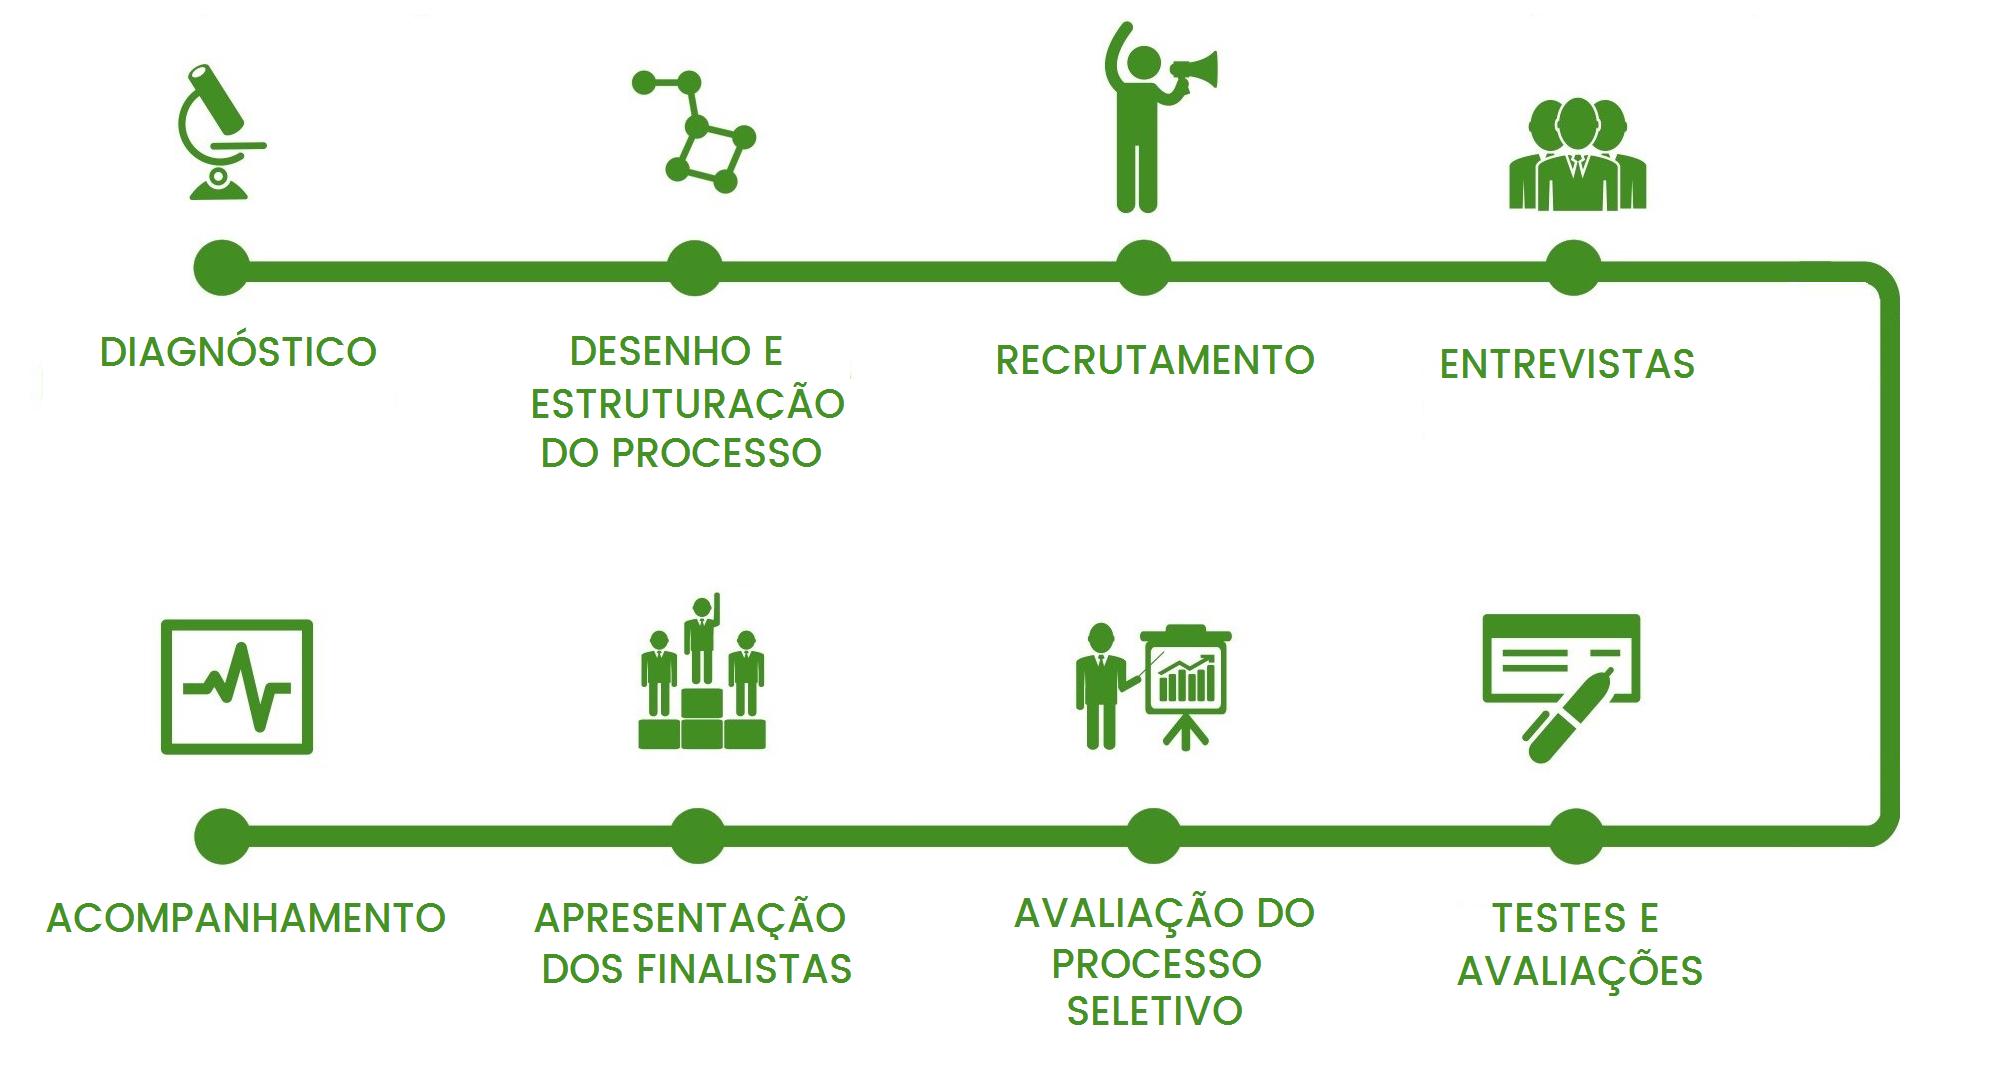 Fluxograma do Processo de recrutamento e seleção